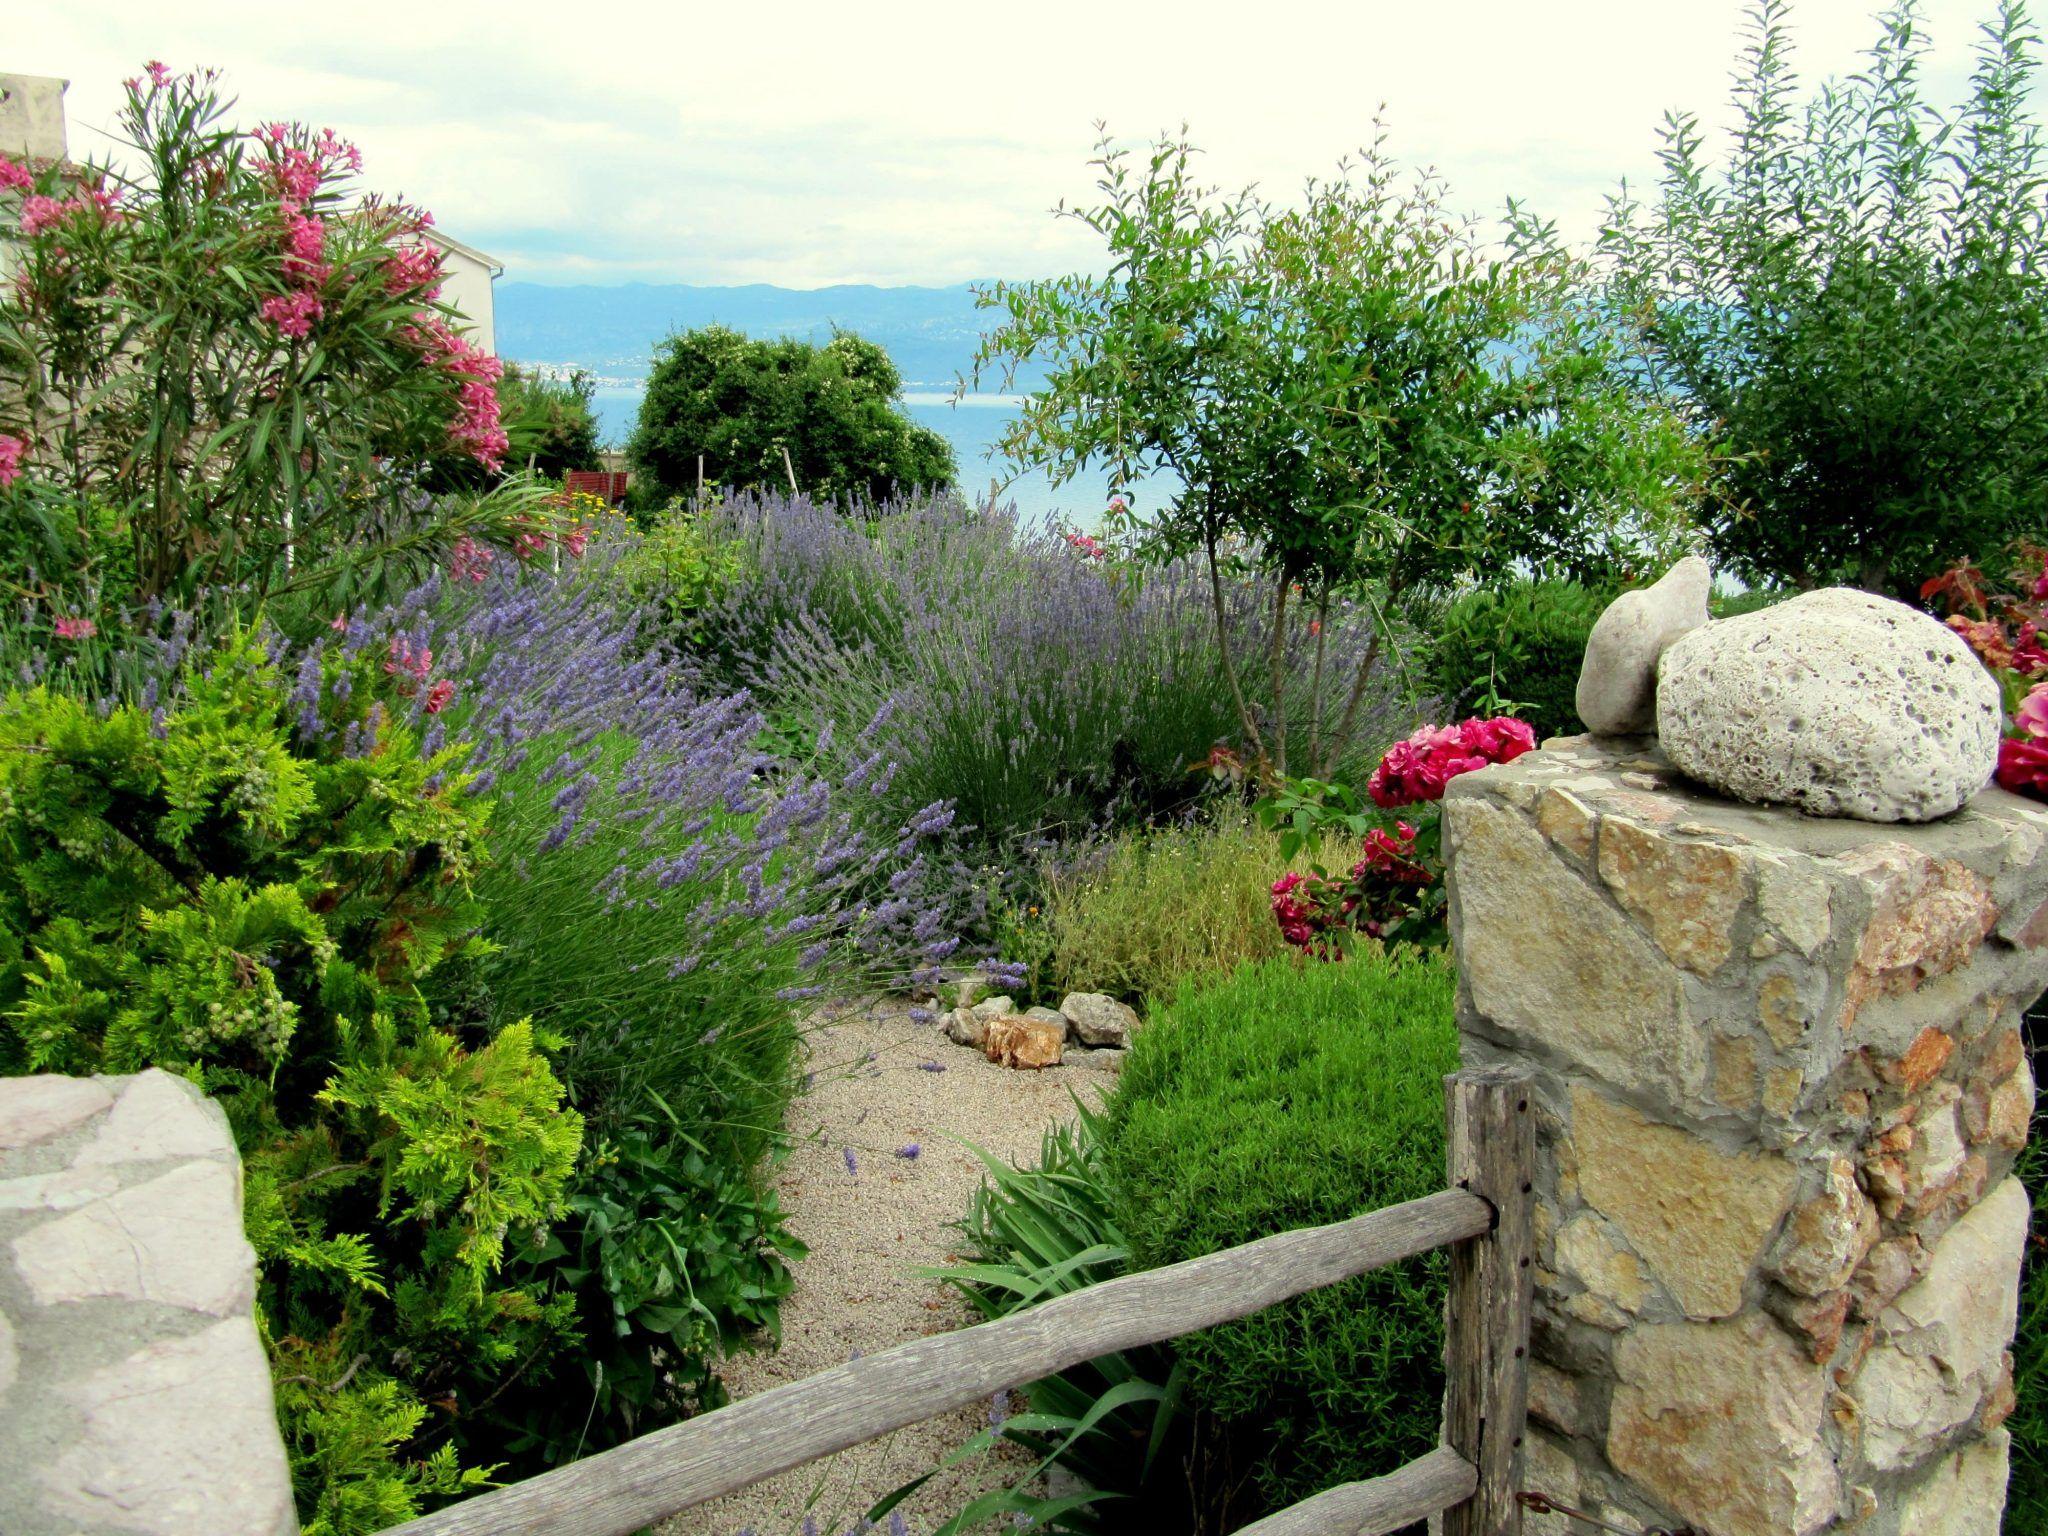 Sistemare Giardino Di Casa come sistemare il giardino di casa per le vacanze | plants